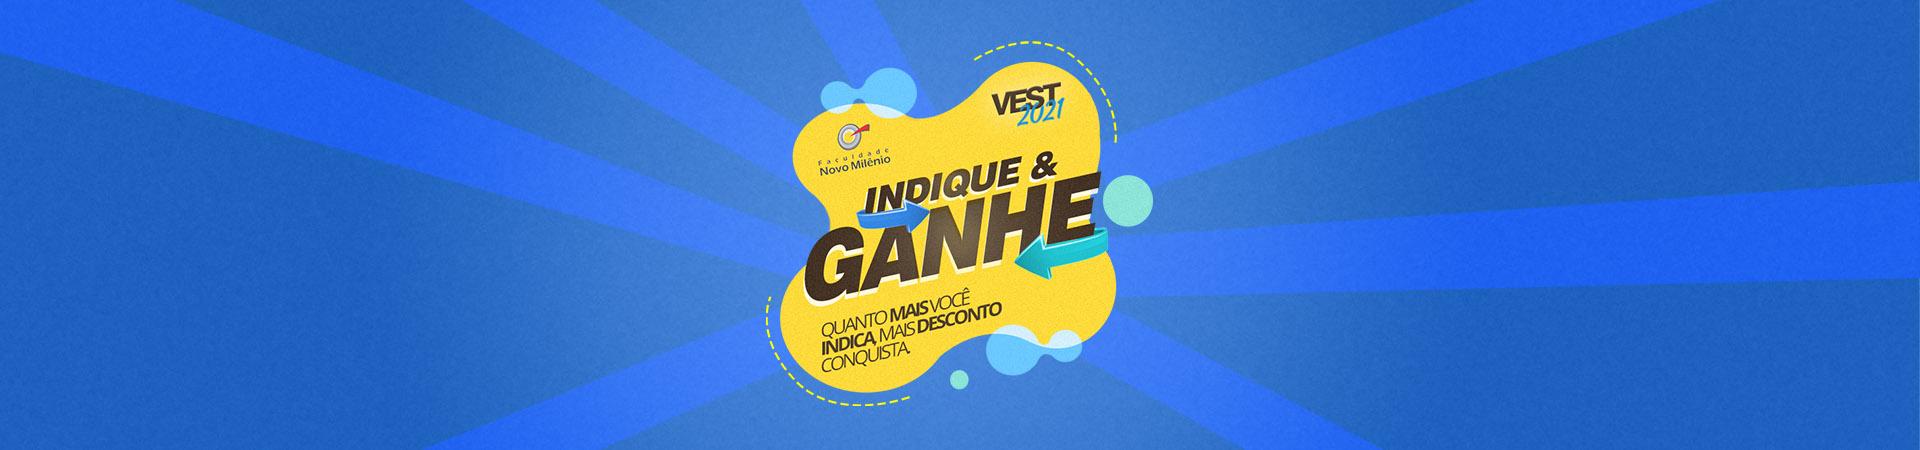 Indique_e_ganhe